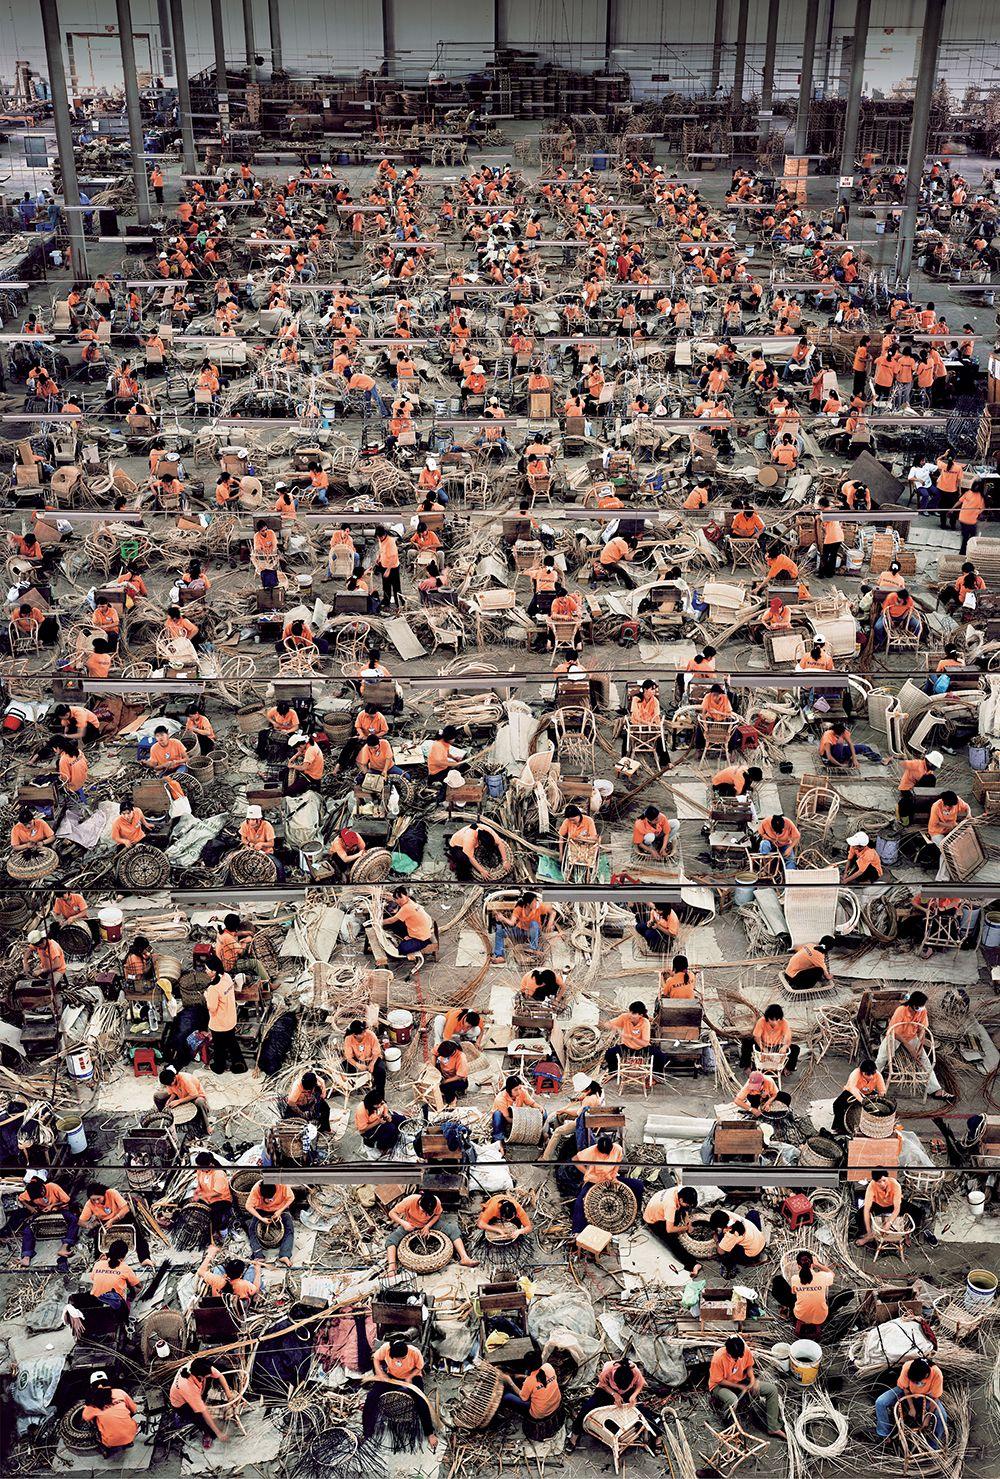 7Andreas-Gursky-Nha-Trang-20041